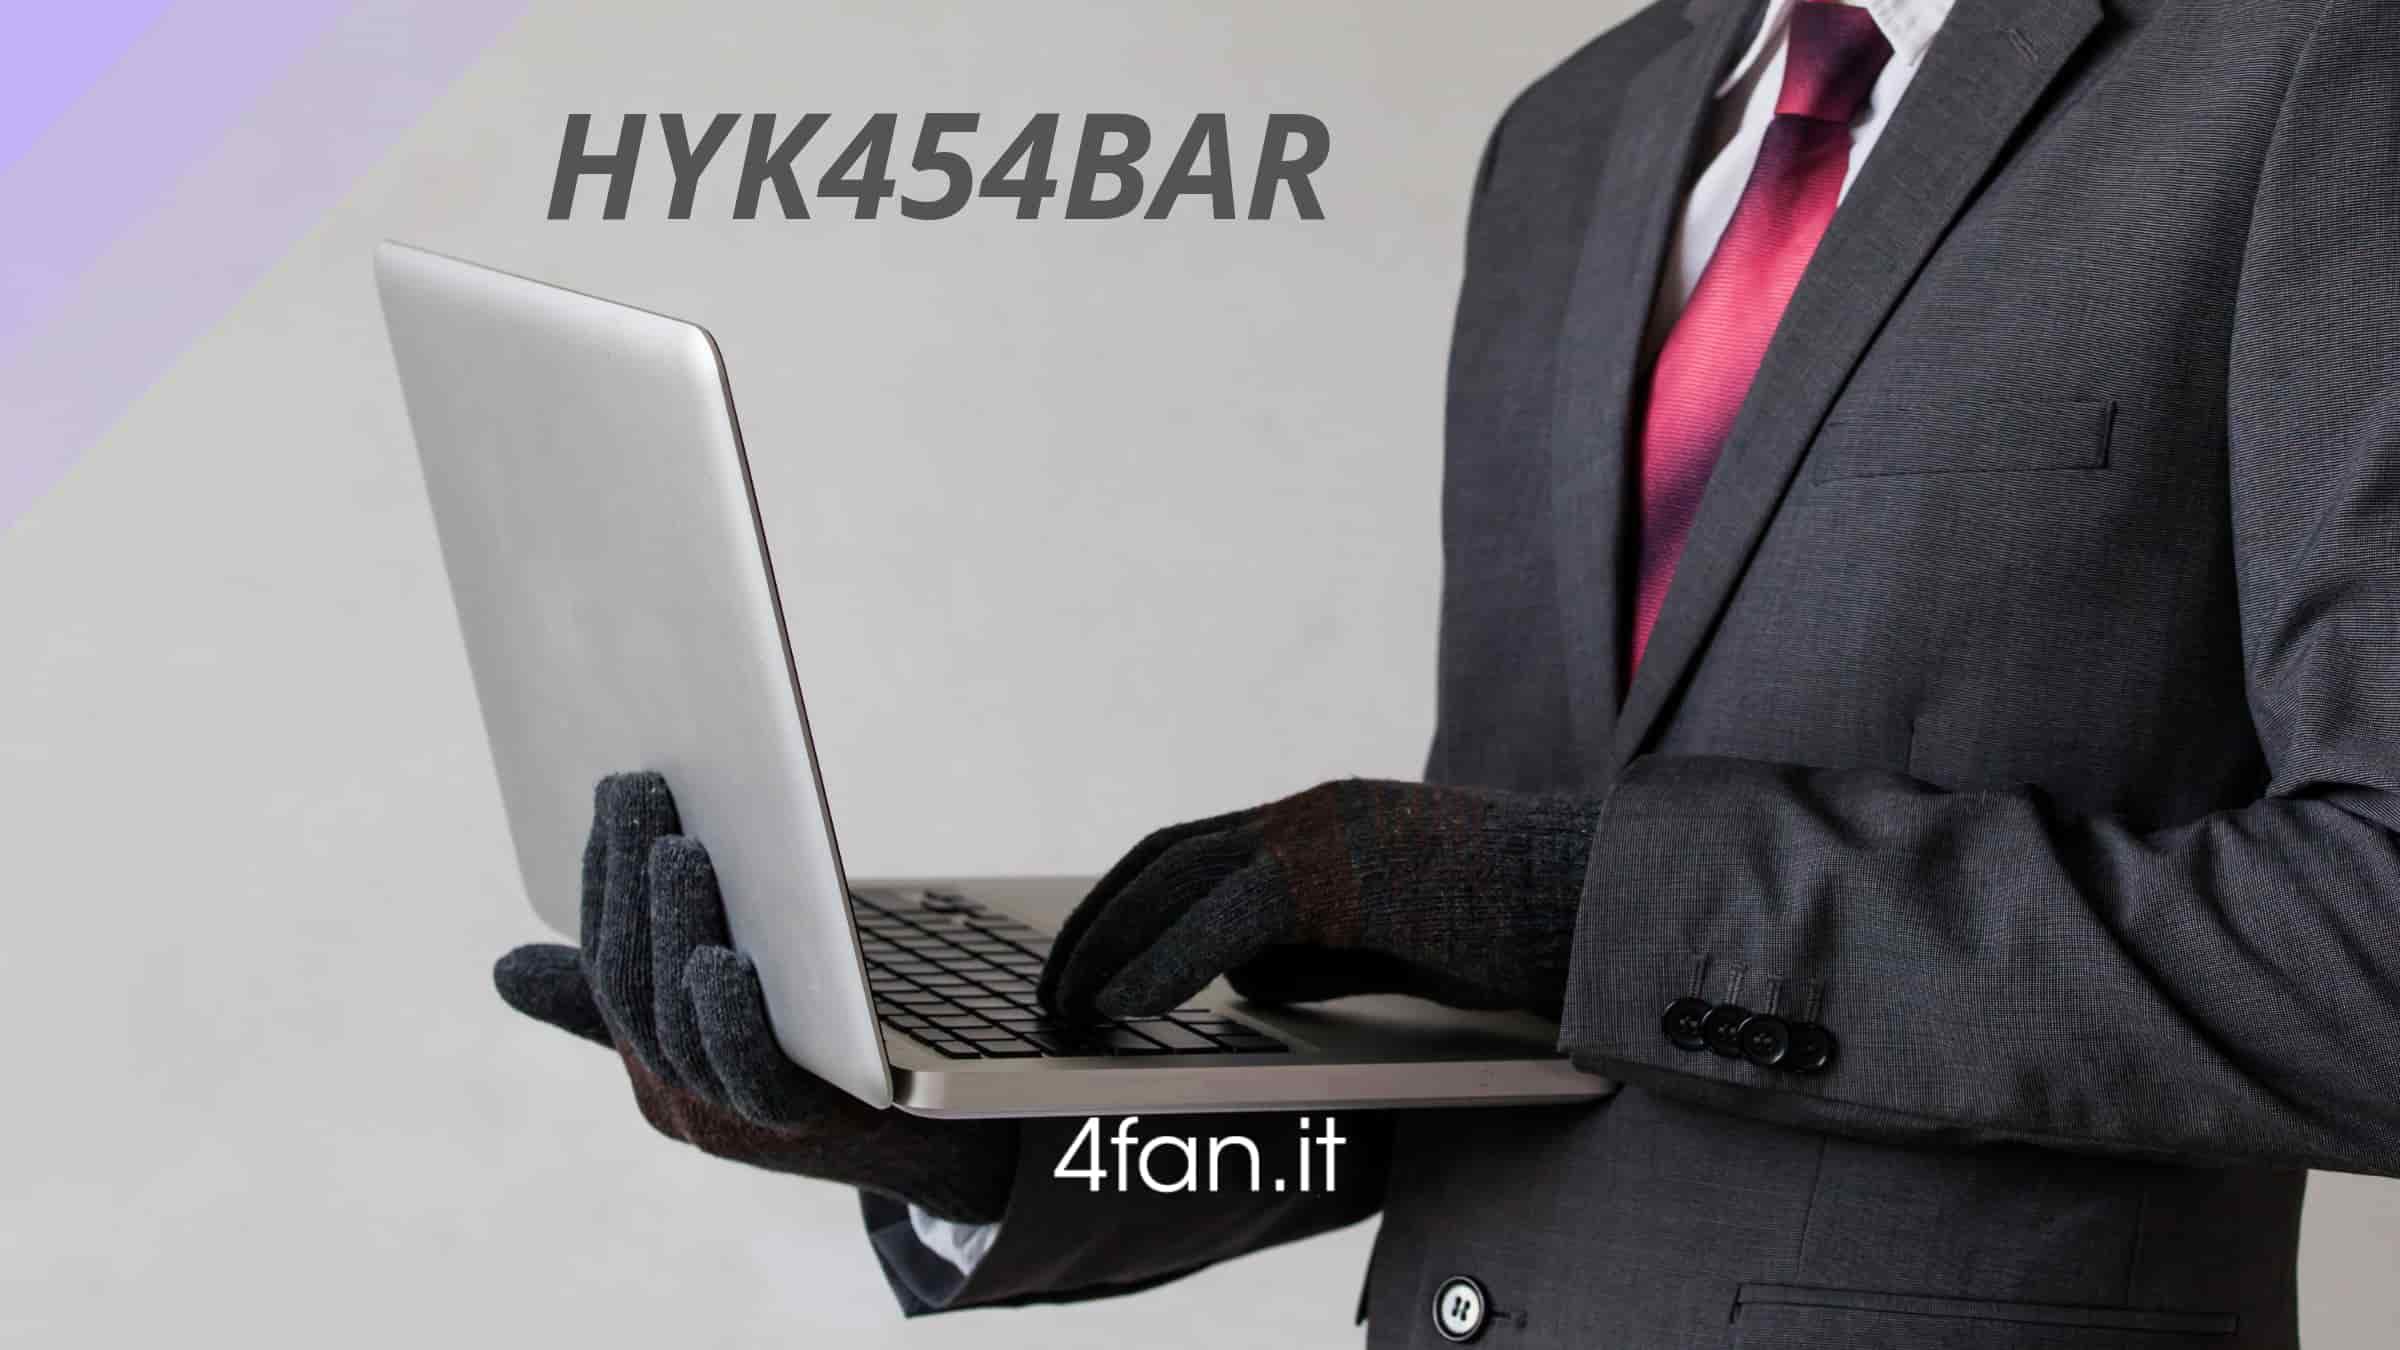 HYK454BAR truffa